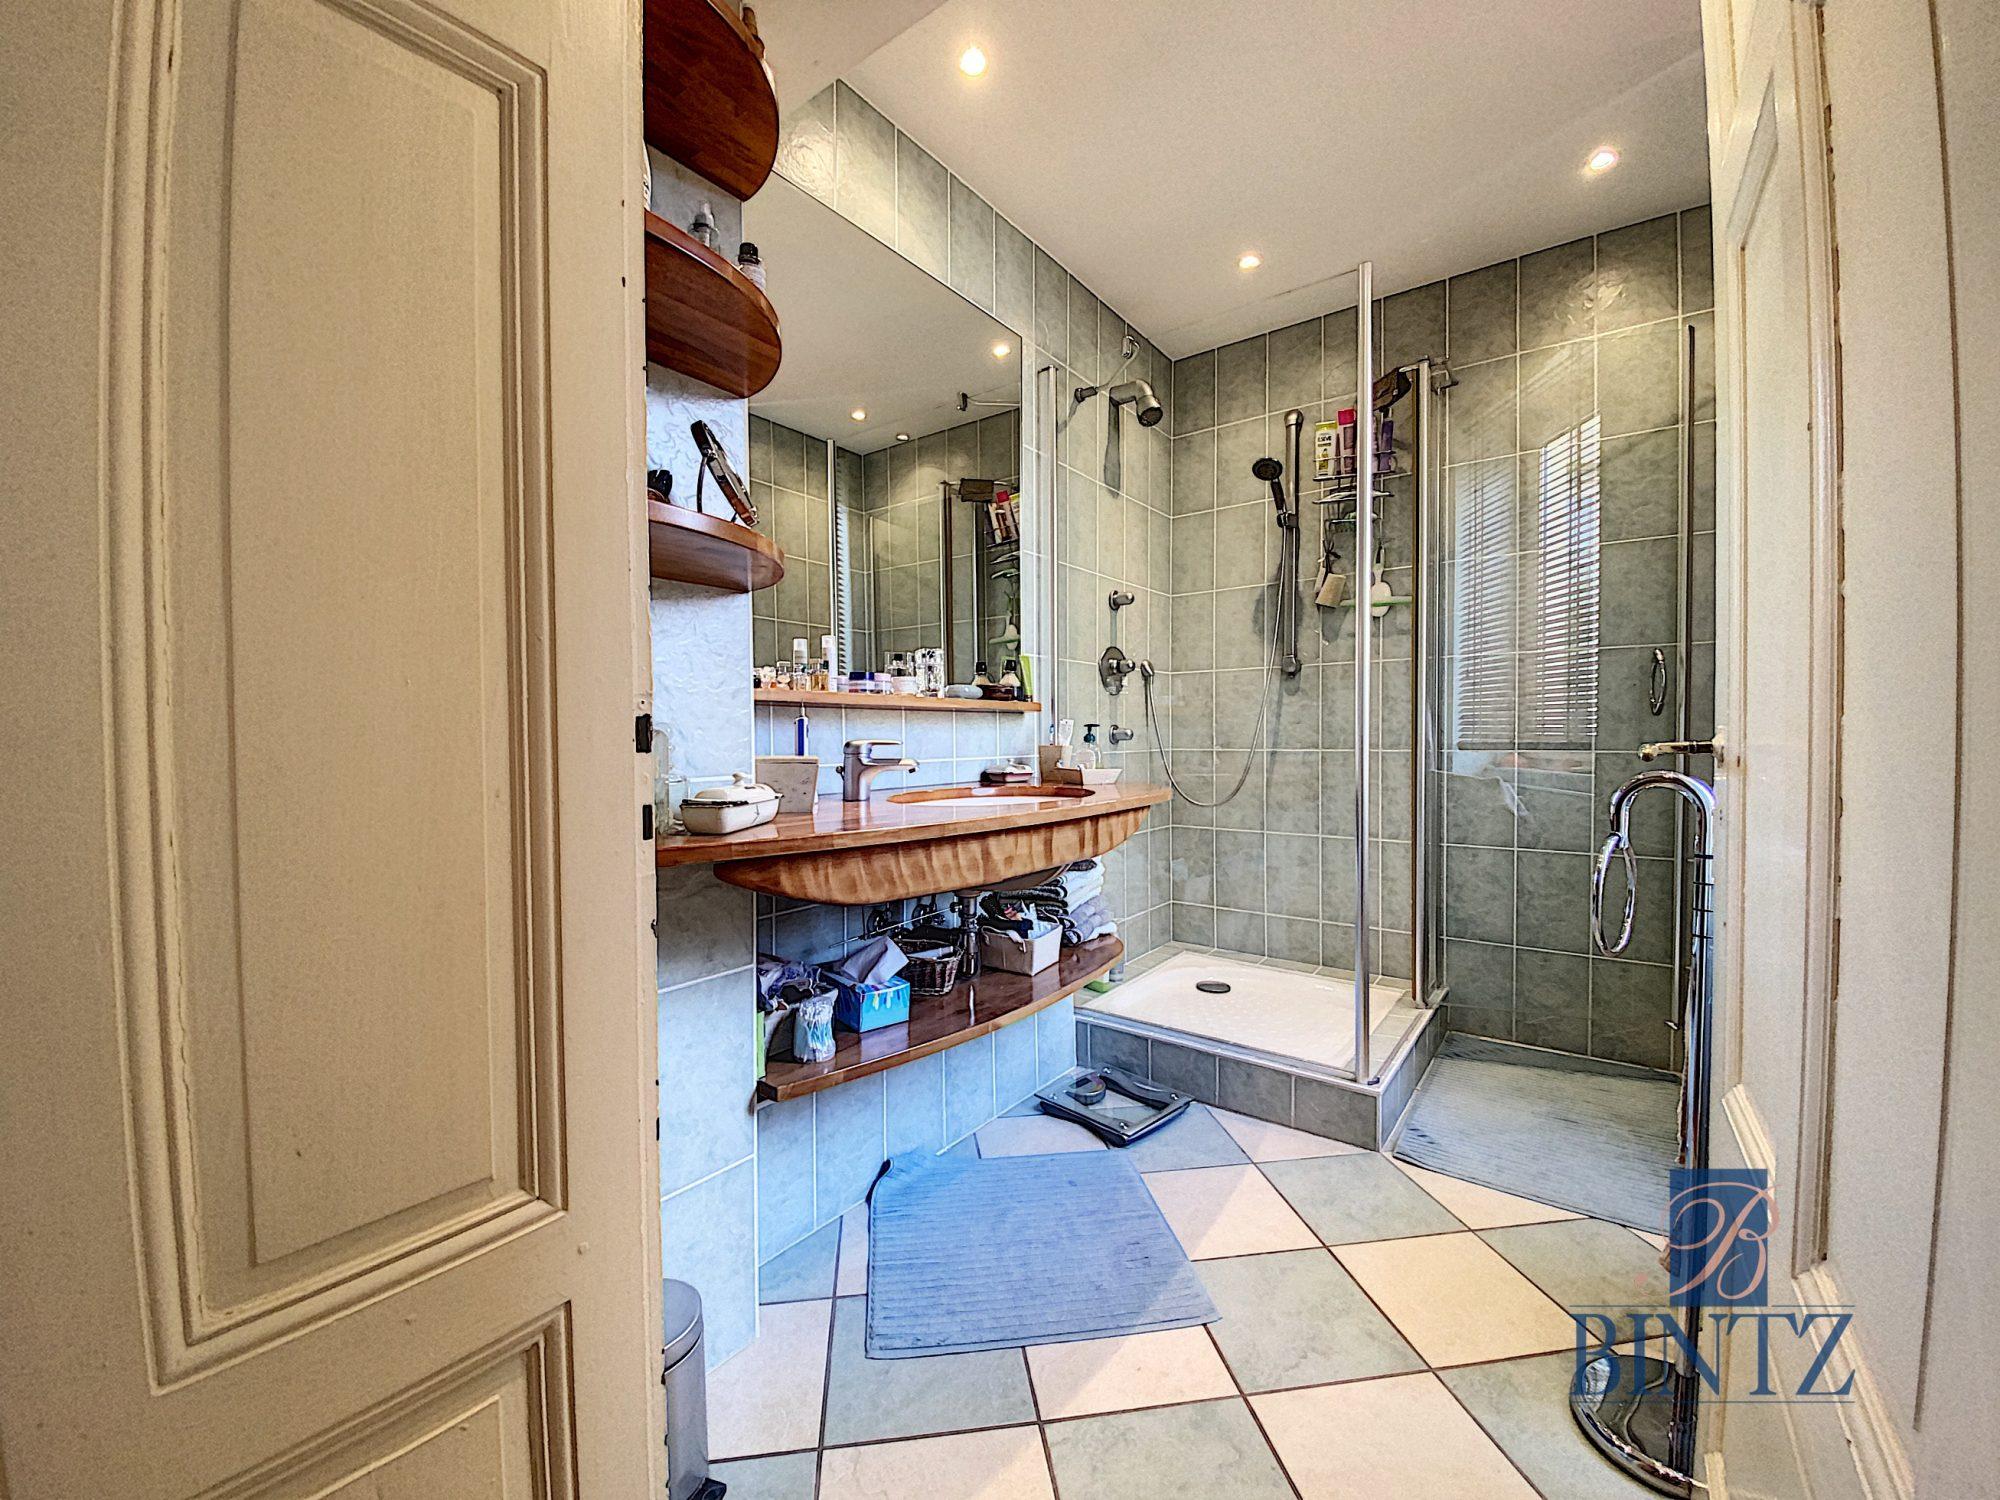 Appartement de 7 pièces – Rue Schwendi - Devenez propriétaire en toute confiance - Bintz Immobilier - 11